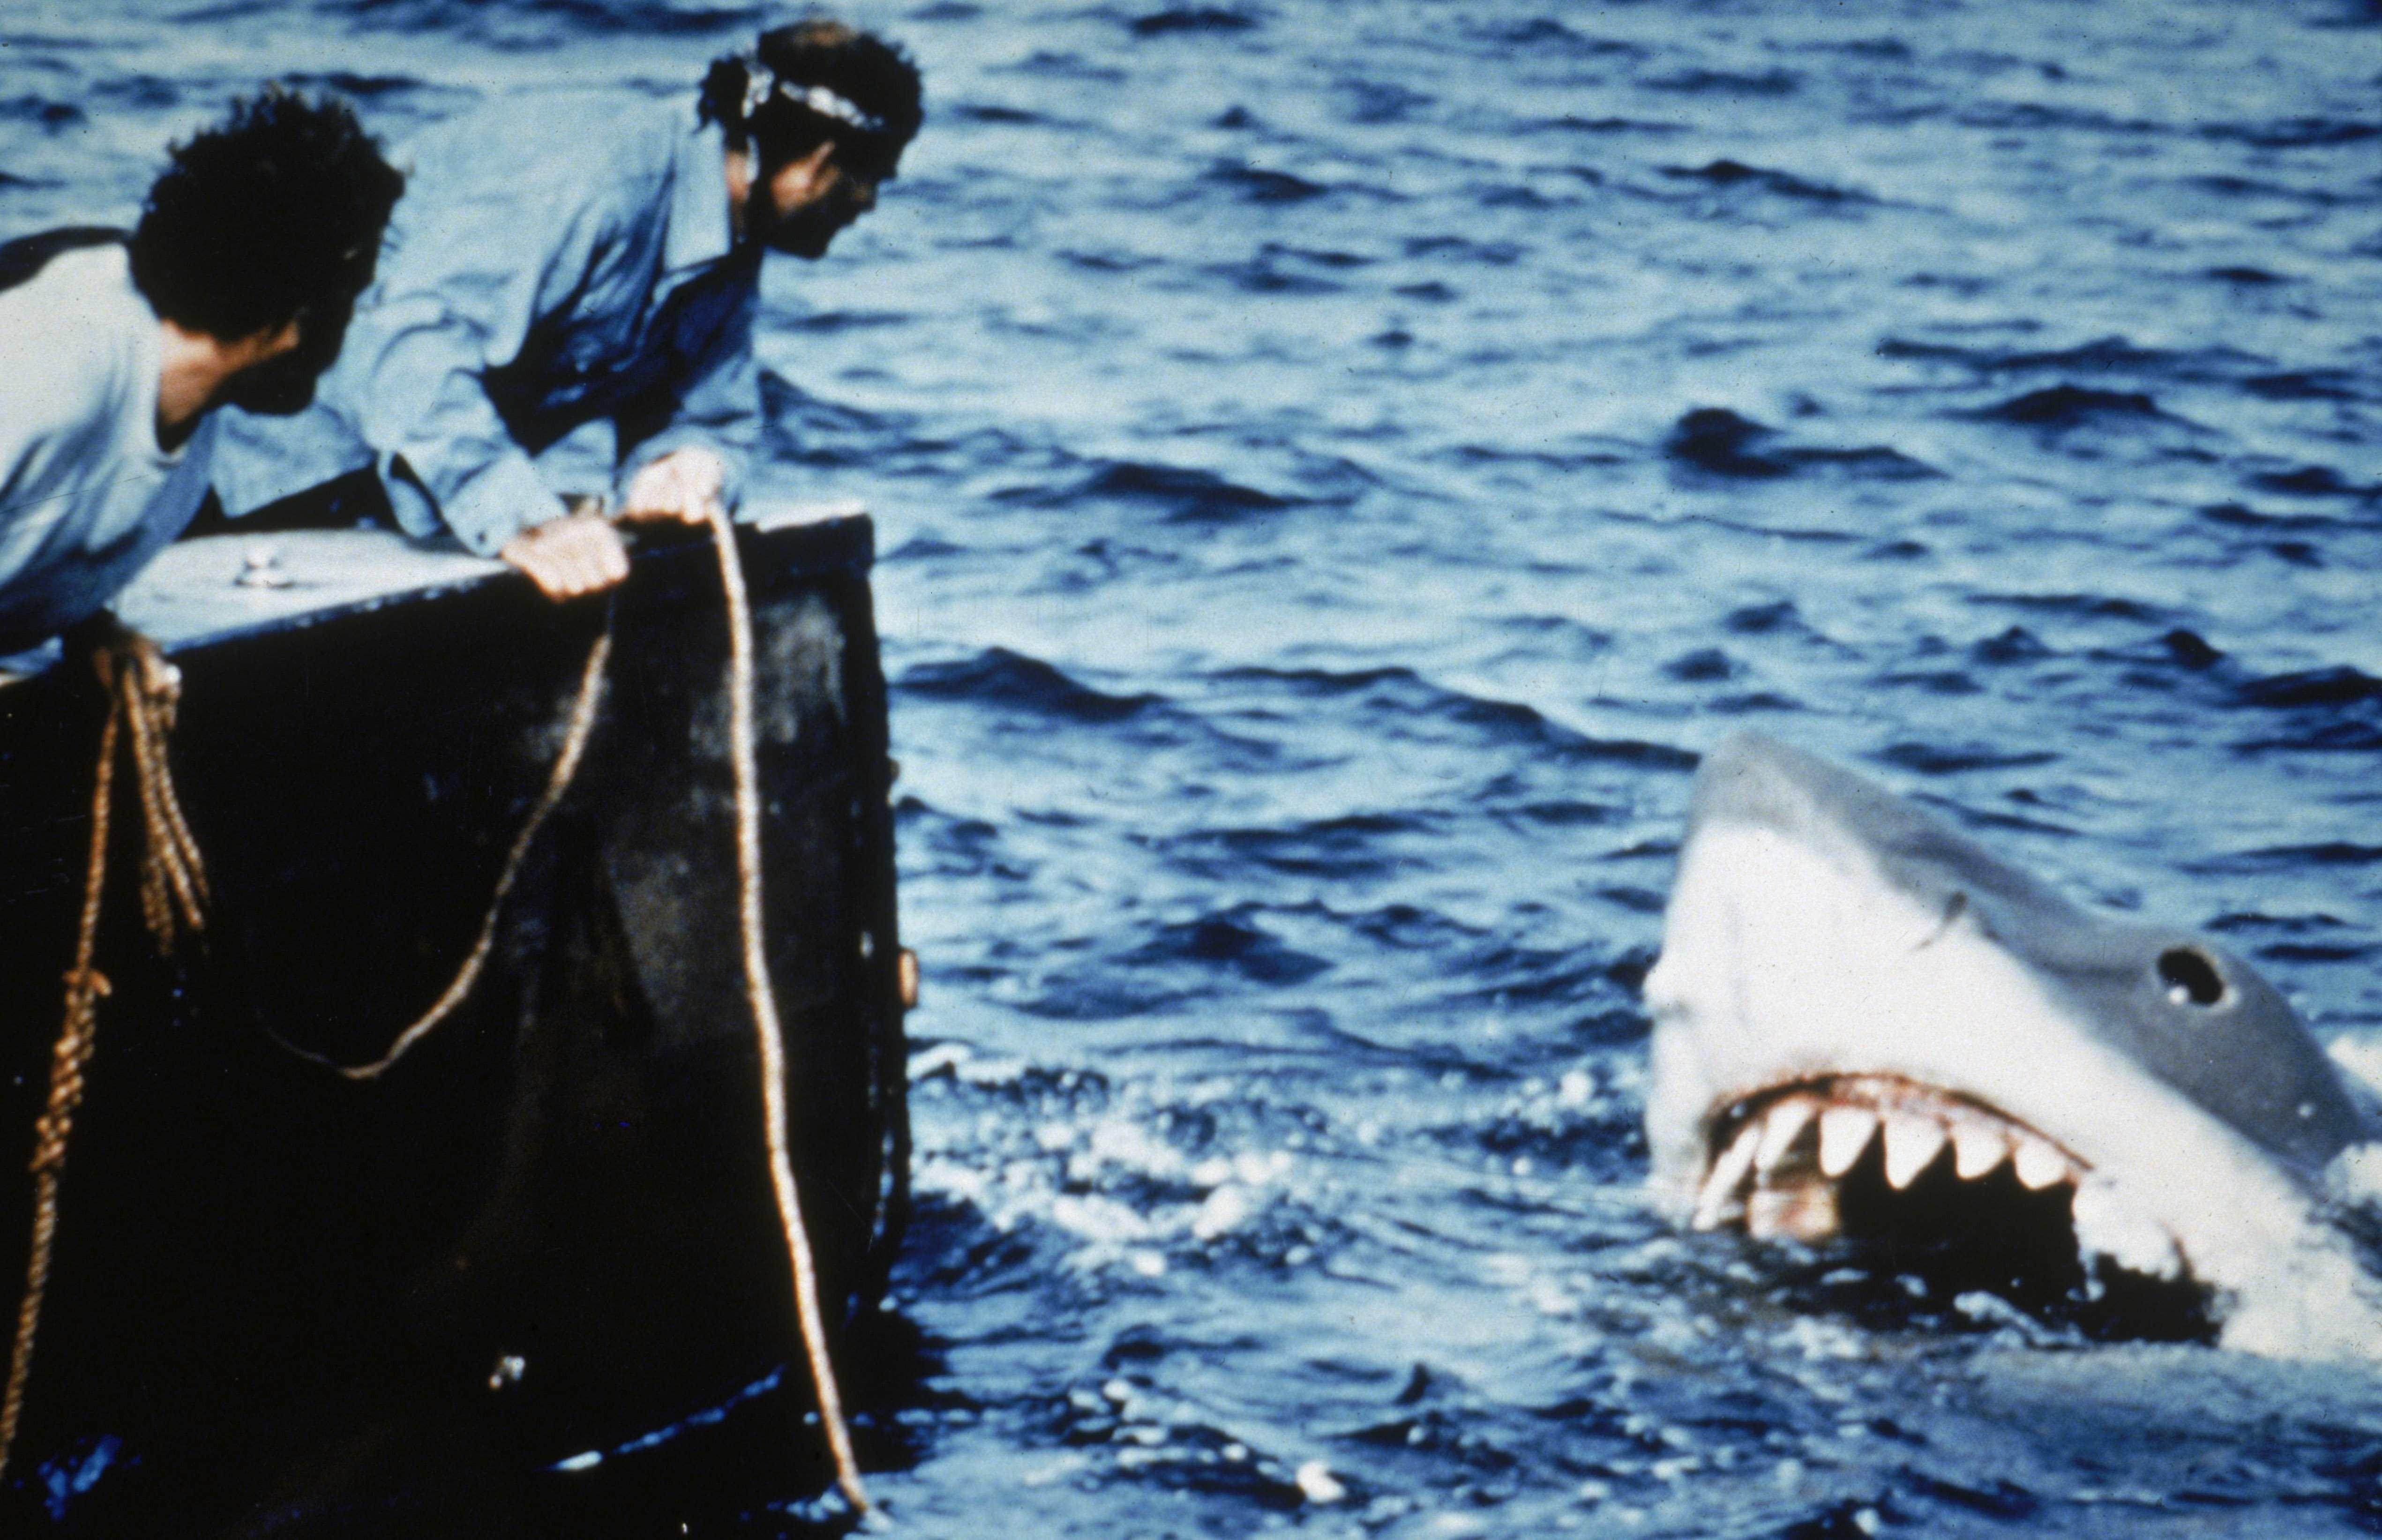 Tubarão original do filme é restaurado e será exibido em museu (Foto: Getty Images)